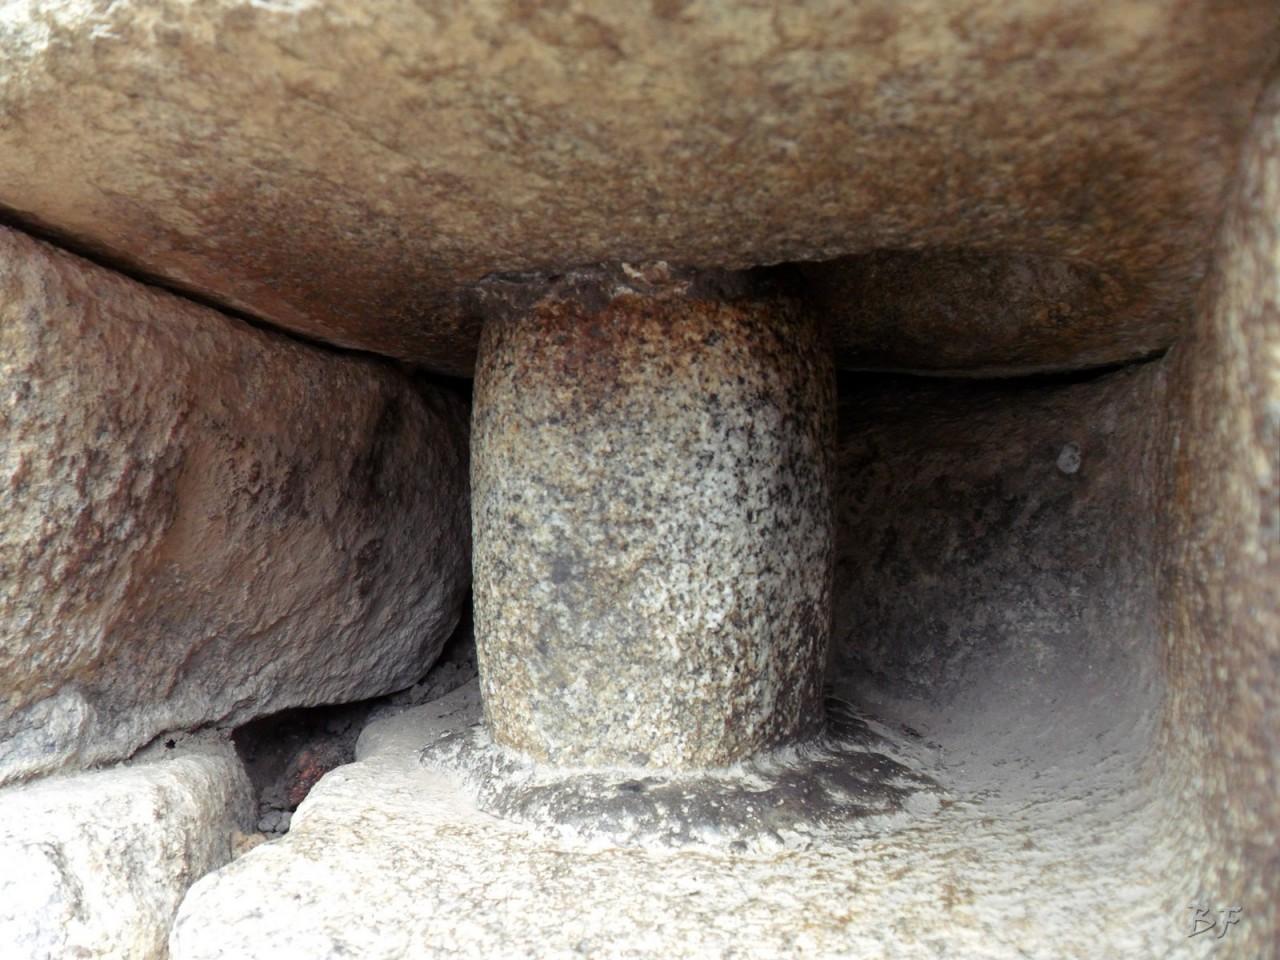 Mura-Poligonali-Incisioni-Altari-Edifici-Rupestri-Megaliti-Machu-Picchu-Aguas-Calientes-Urubamba-Cusco-Perù-80